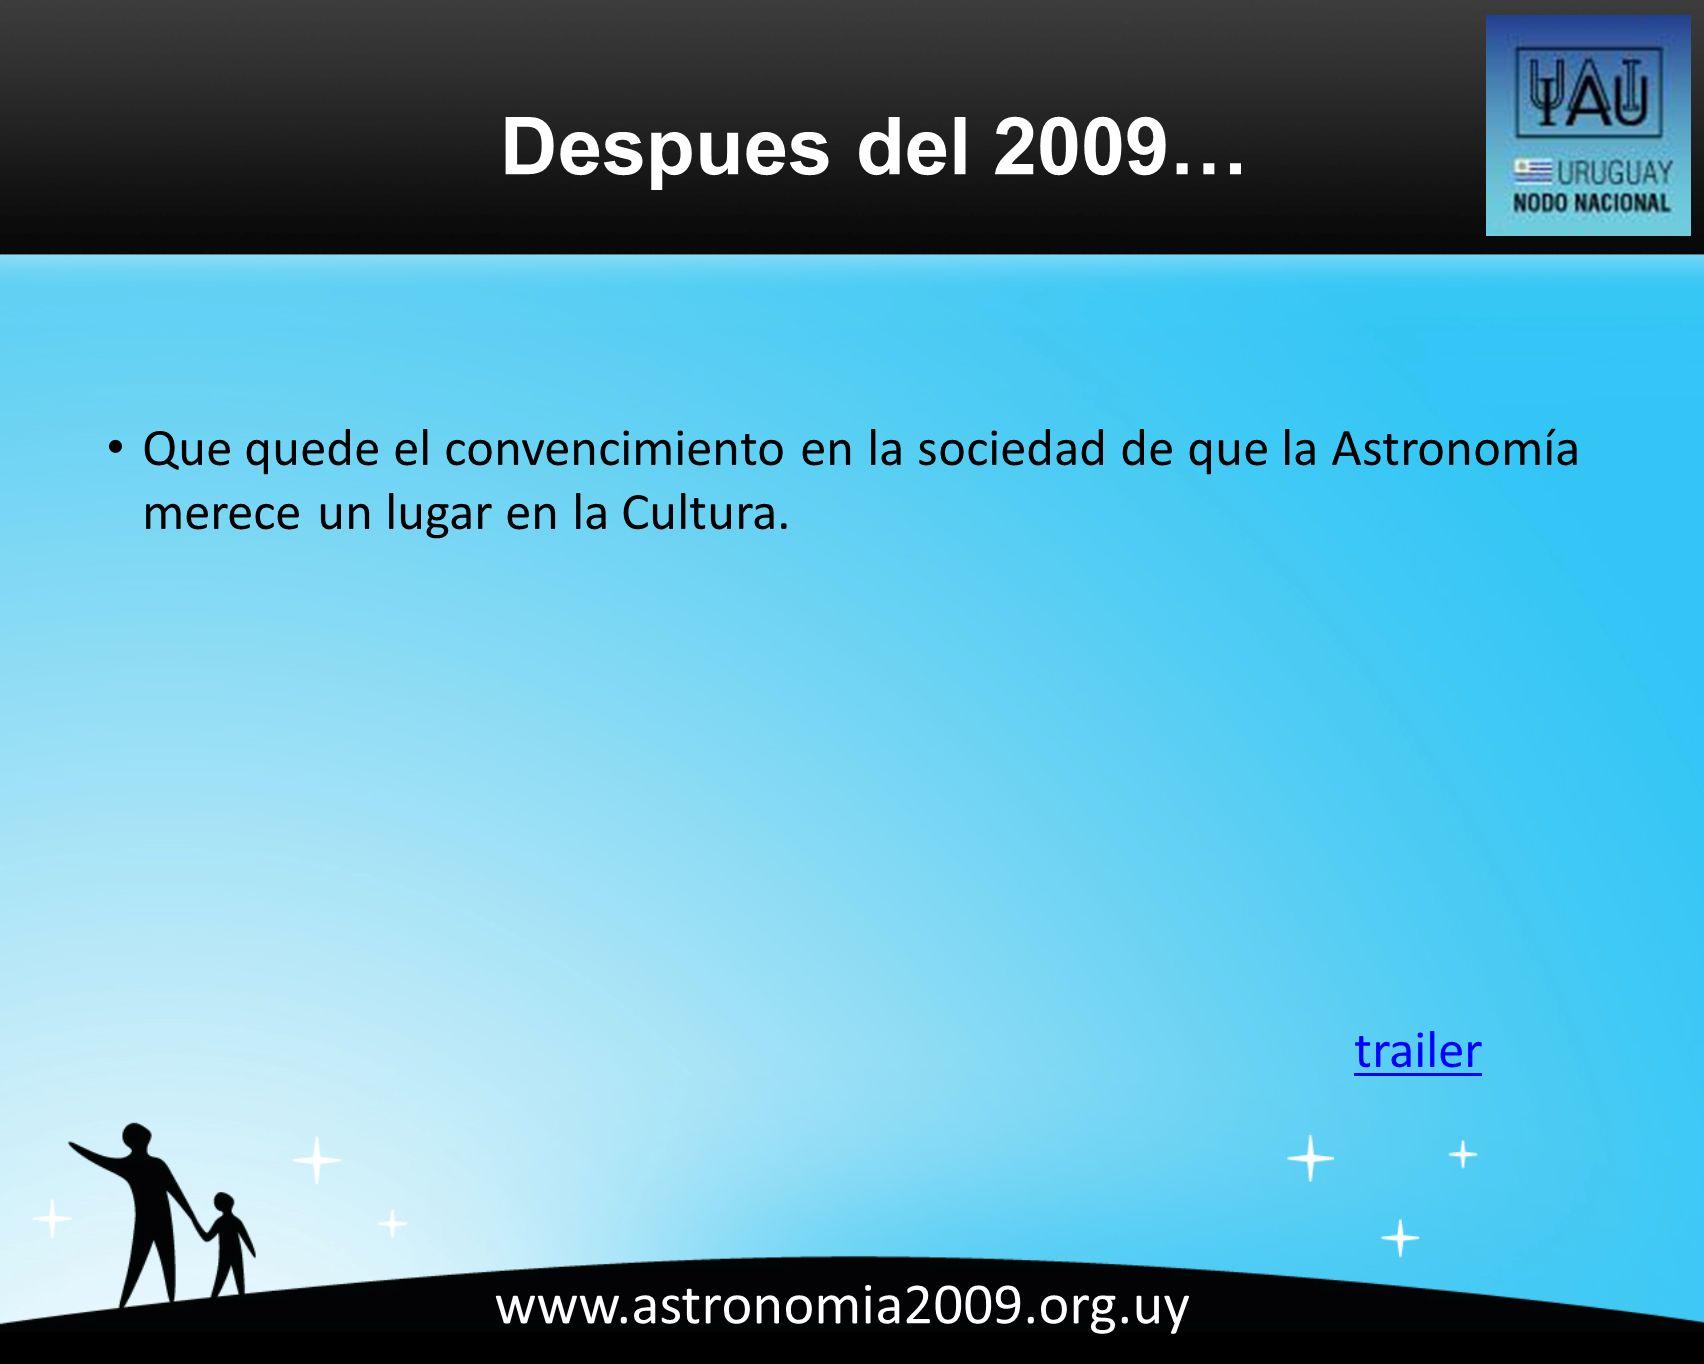 www.astronomia2009.org.uy Que quede el convencimiento en la sociedad de que la Astronomía merece un lugar en la Cultura.